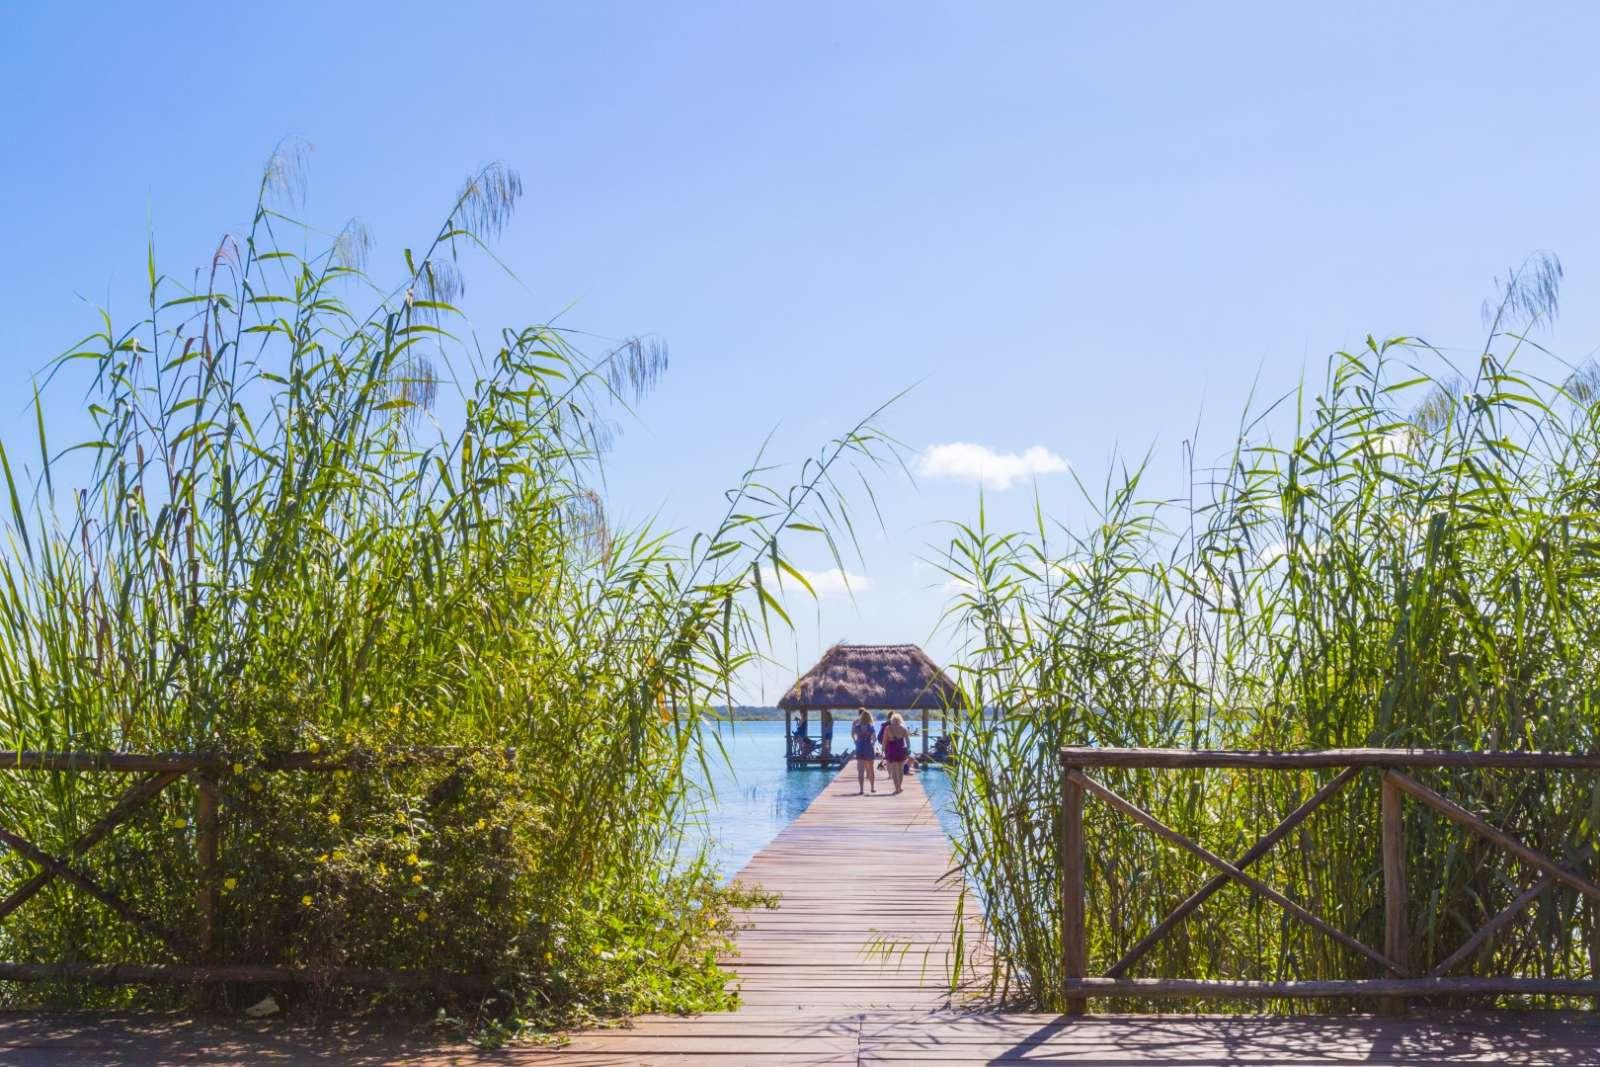 Jetty on Laguna Bacalar